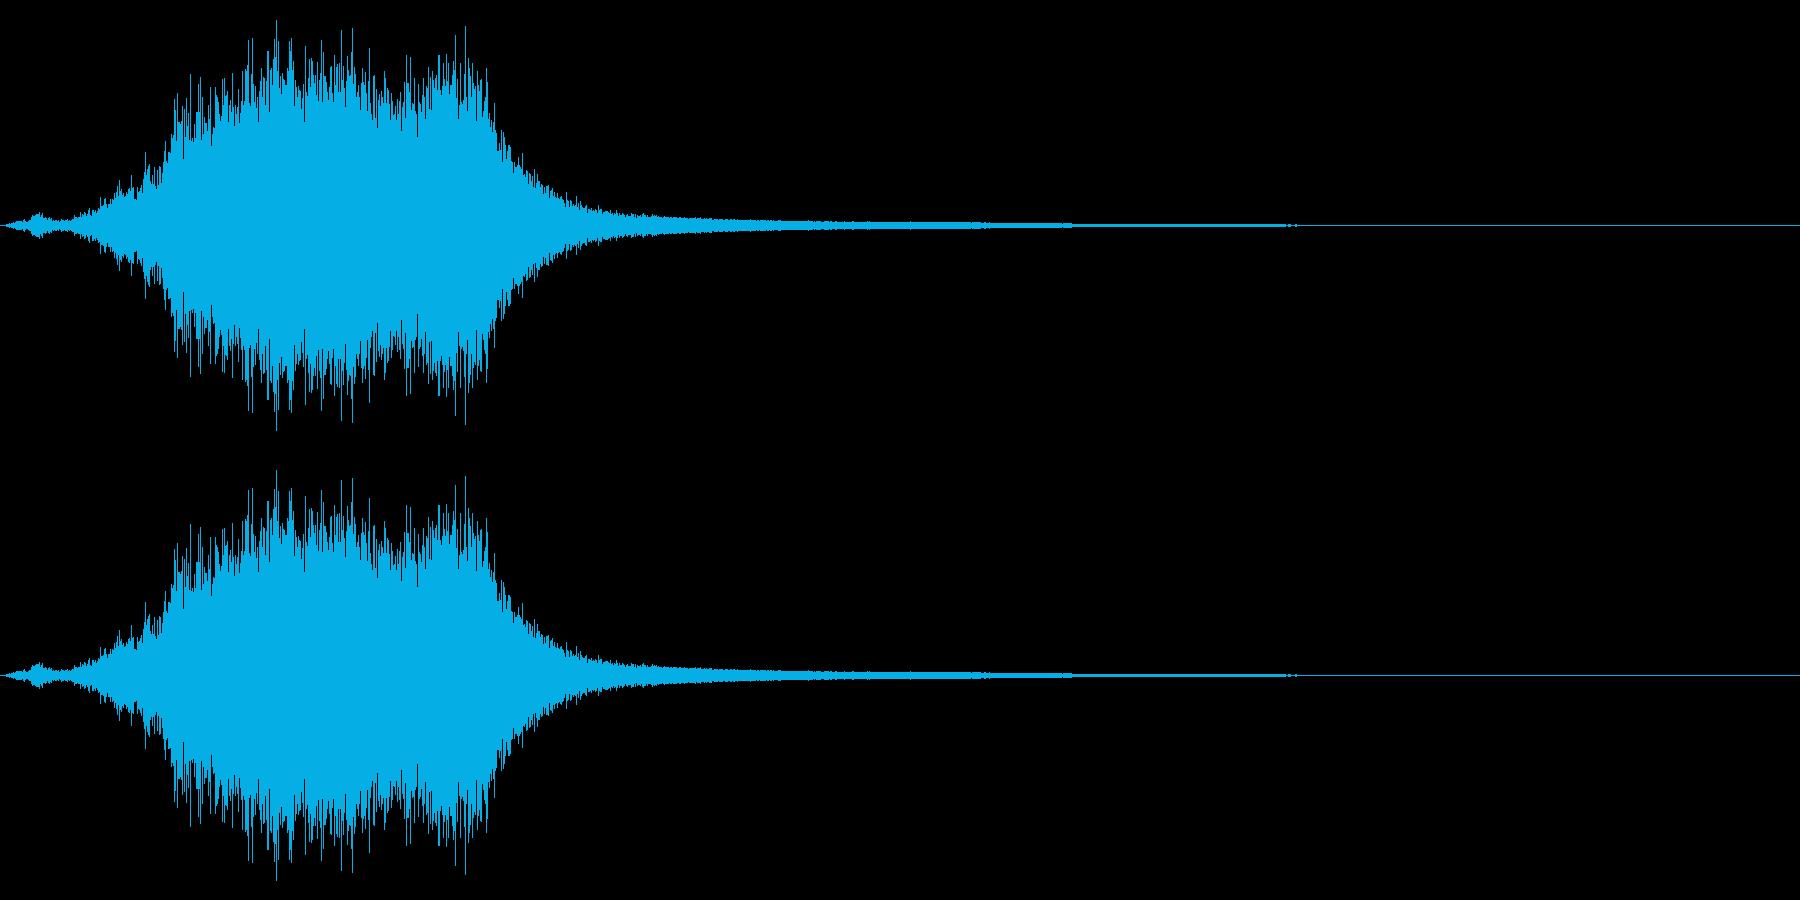 シャキーン☆剣を鞘から抜く音2の再生済みの波形